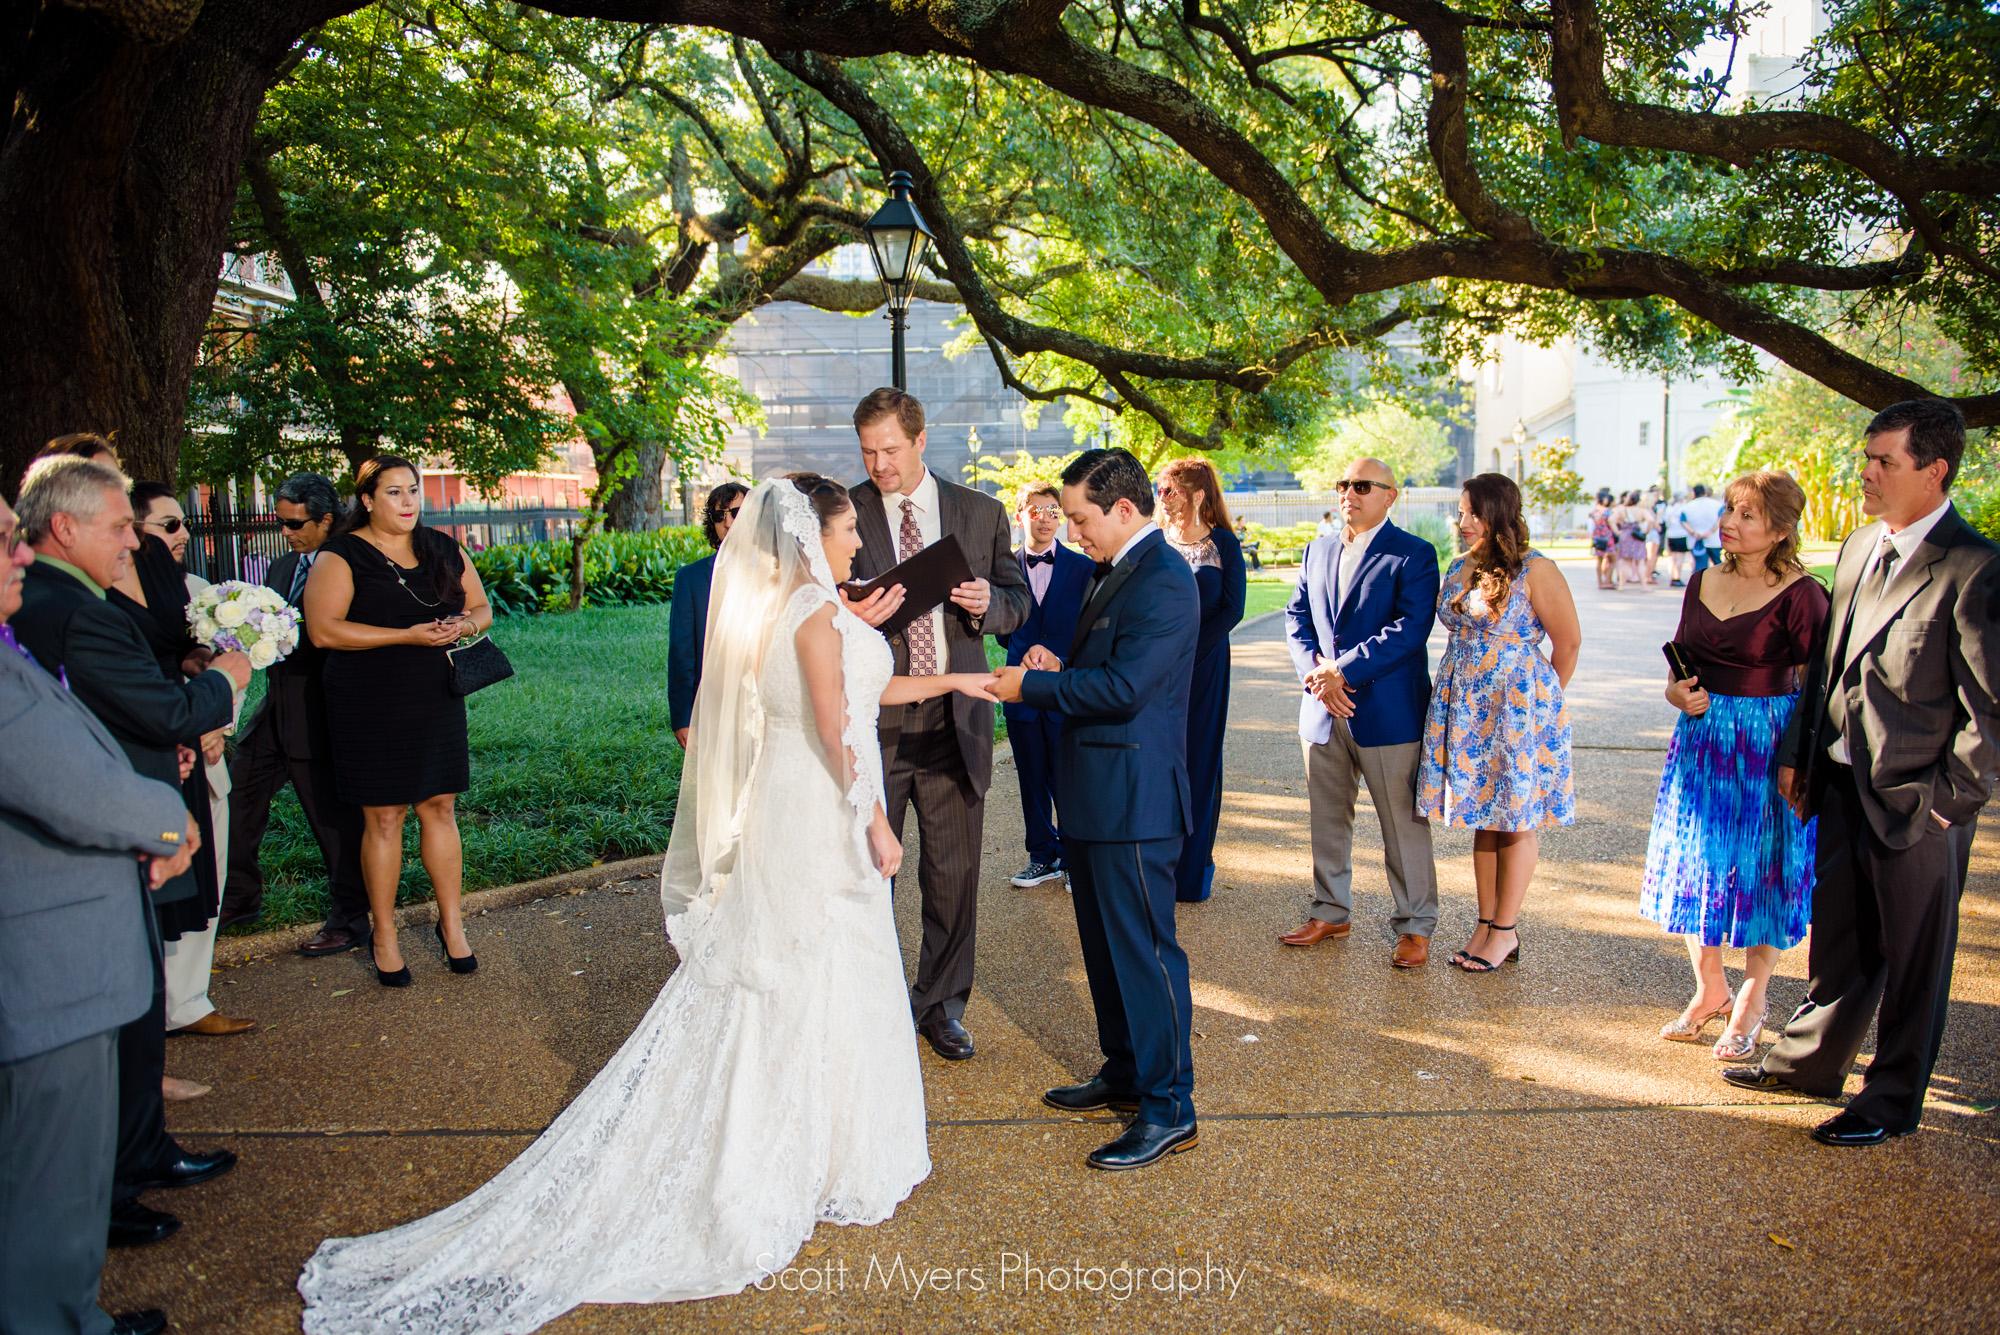 Scott_Myers_Wedding_New_Orleans_023.jpg